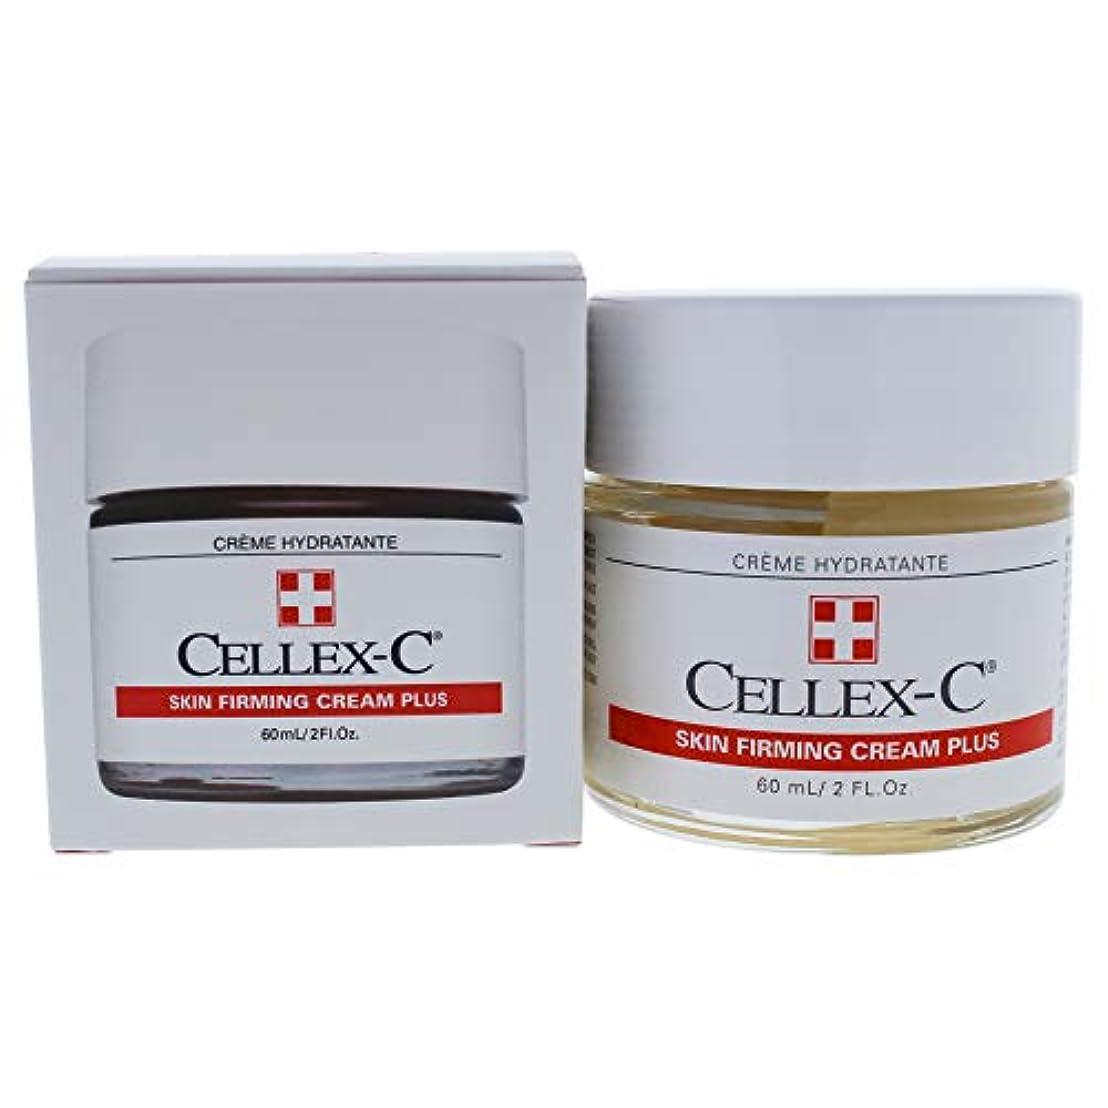 ファウル代数的敬意を表するCellex-C ファーミングクリームプラス、60ミリリットルをスキン Skin Firming Cream Plus, 60 ml